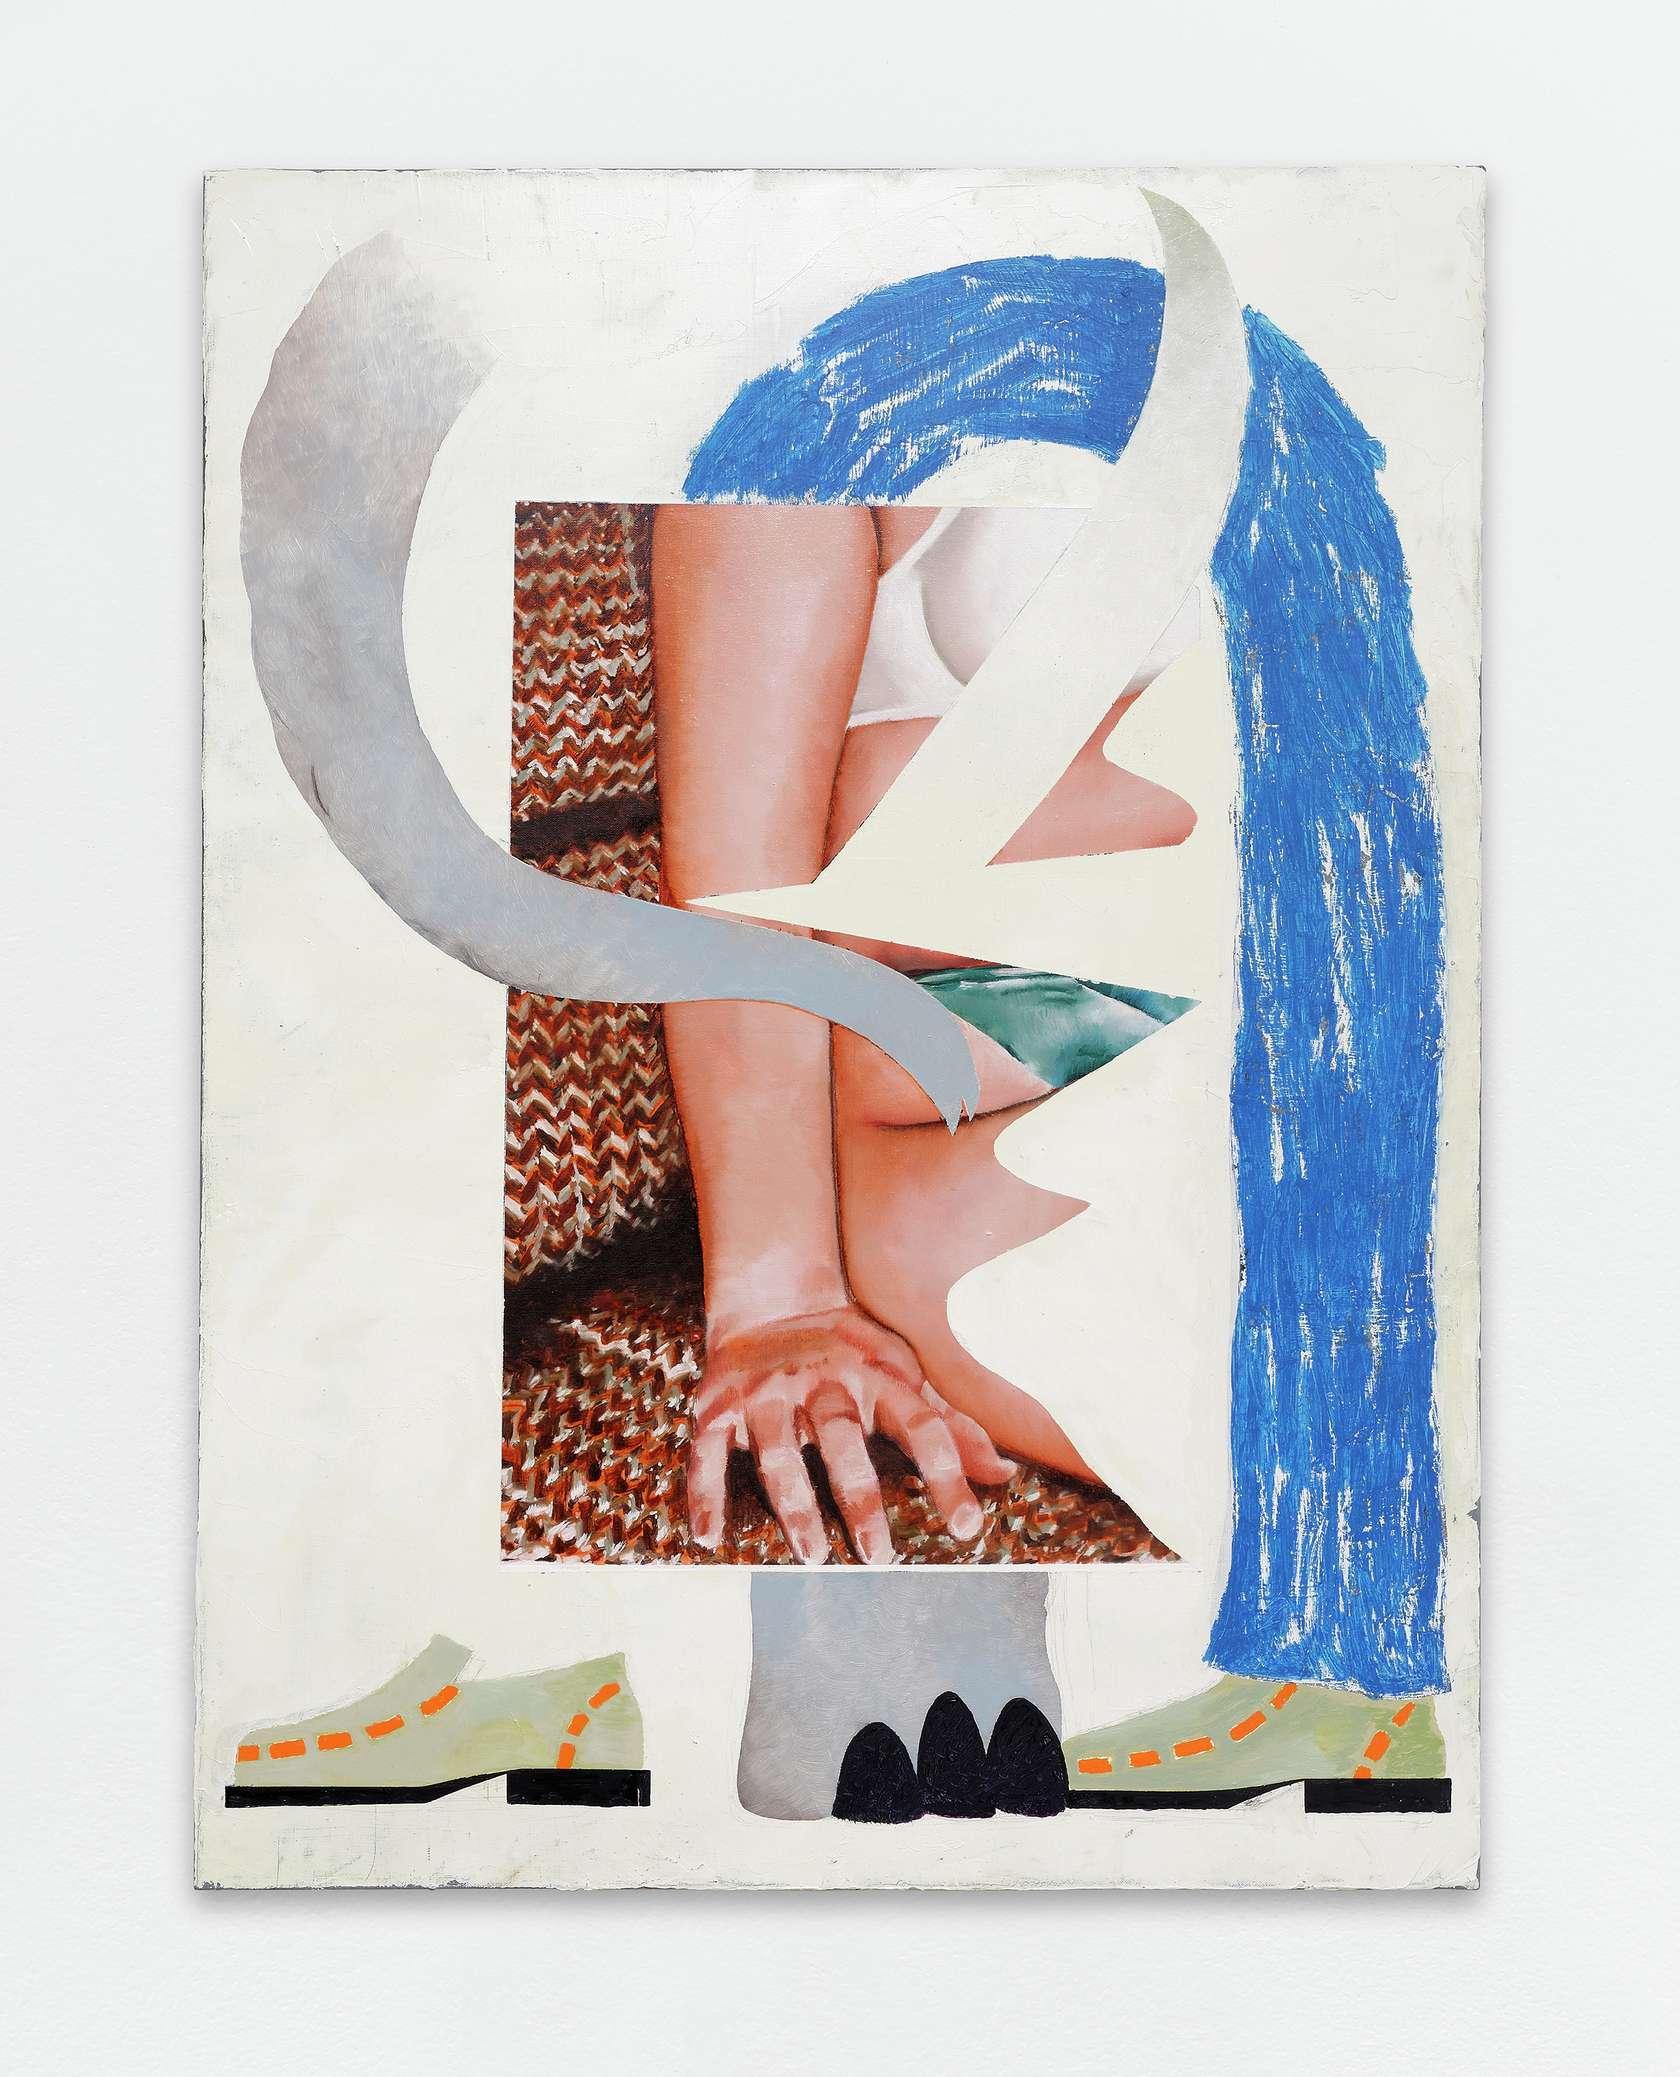 Laurent Proux, Éléphant, 2017 Huile sur toile130 x 97cm / 51 1/8 x 38 2/8inches